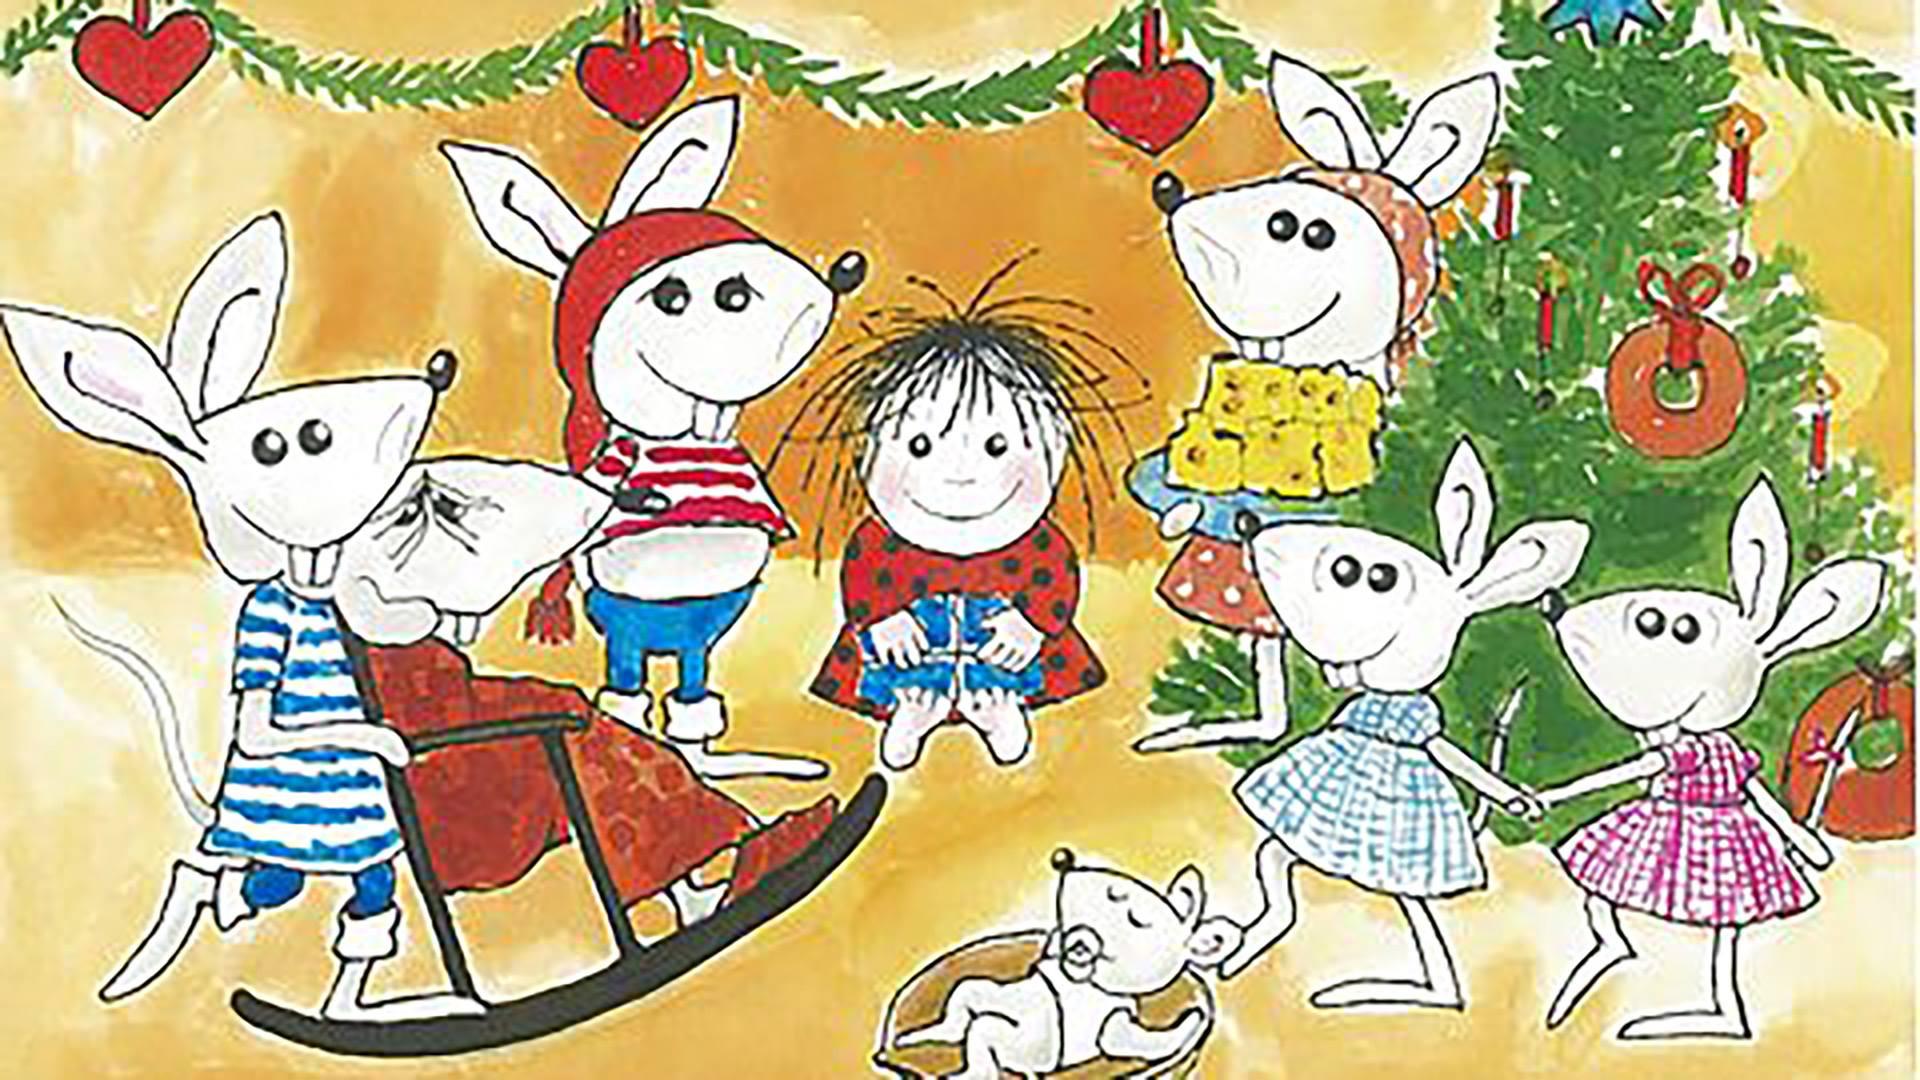 Julehygge for hele familien: Gratis julefilm for børnene i Nordkraft